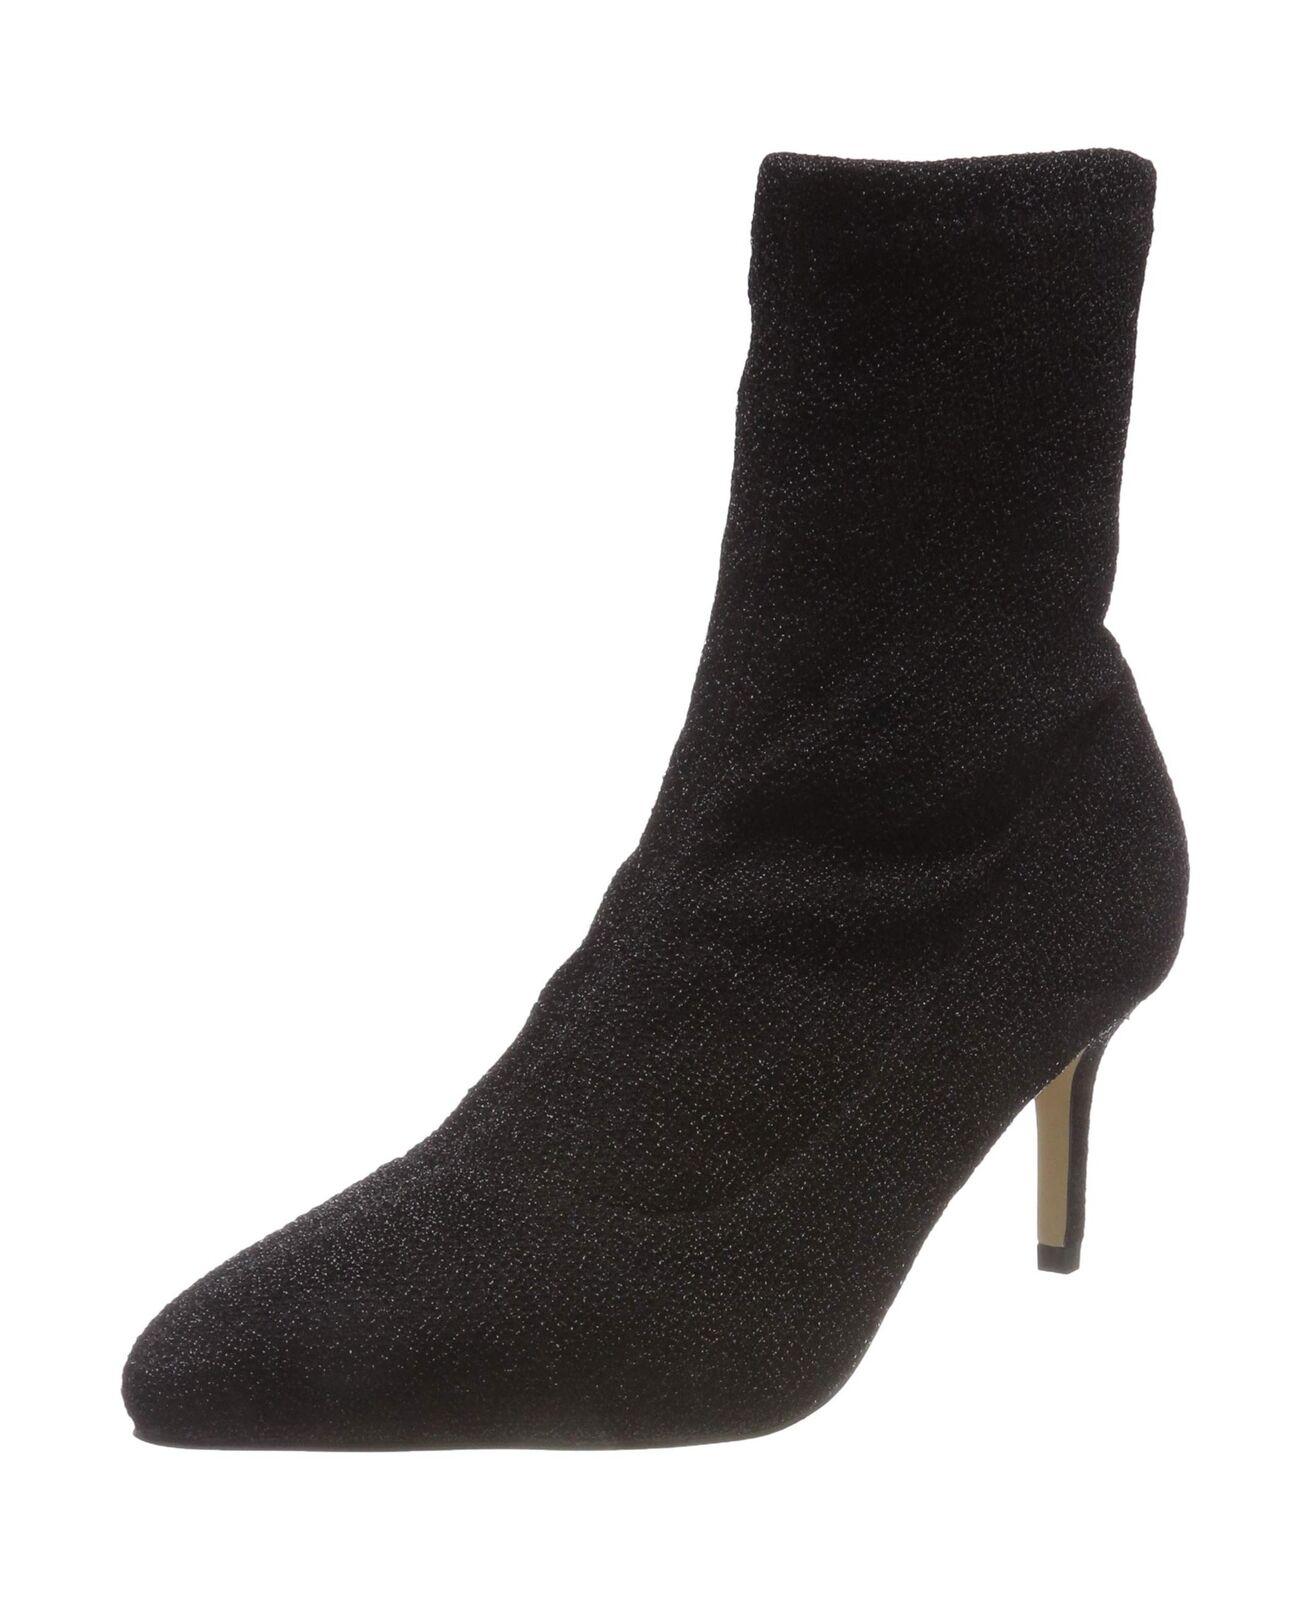 Buffalo Femme Sterling tissu élastique Cheville Bottes Noir Noir Noir (Noir 01 00) UK 5 88e556